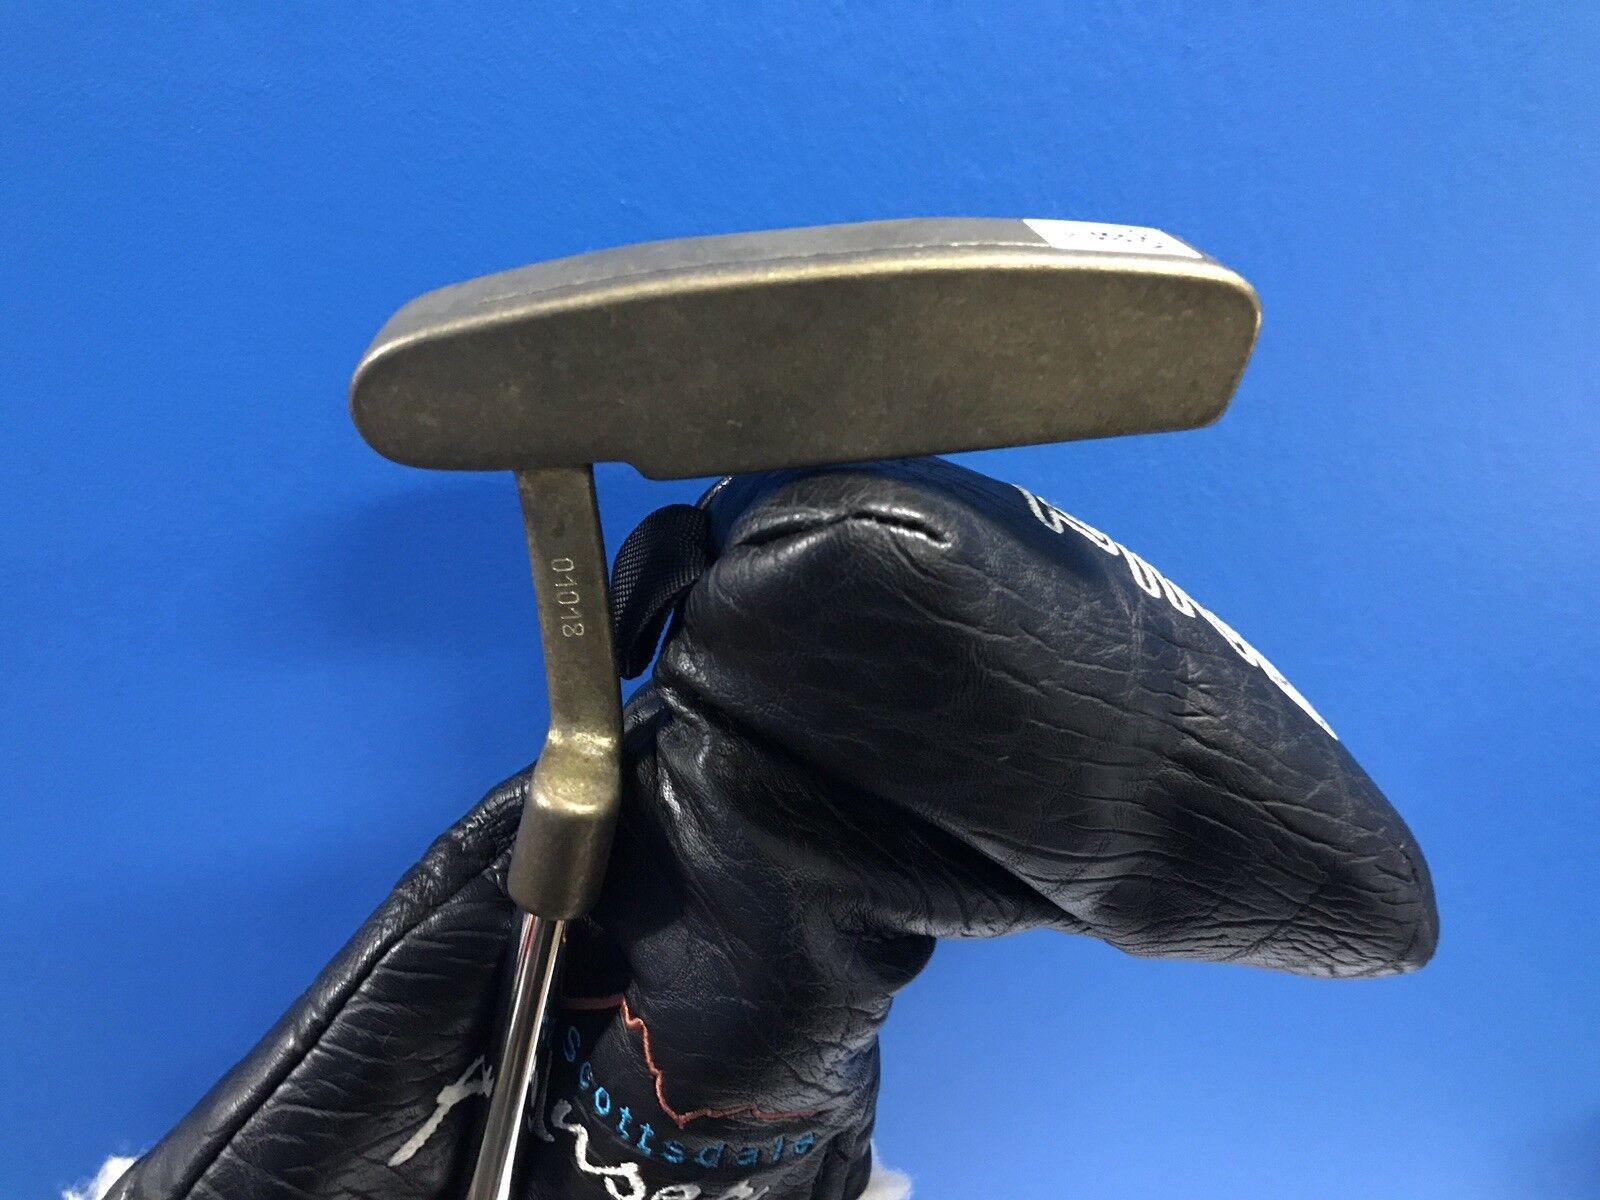 Nuevo PING ANSER Scottsdale  30th aniversario Limitado Putter 35  TS1 serial   MRH  Envíos y devoluciones gratis.